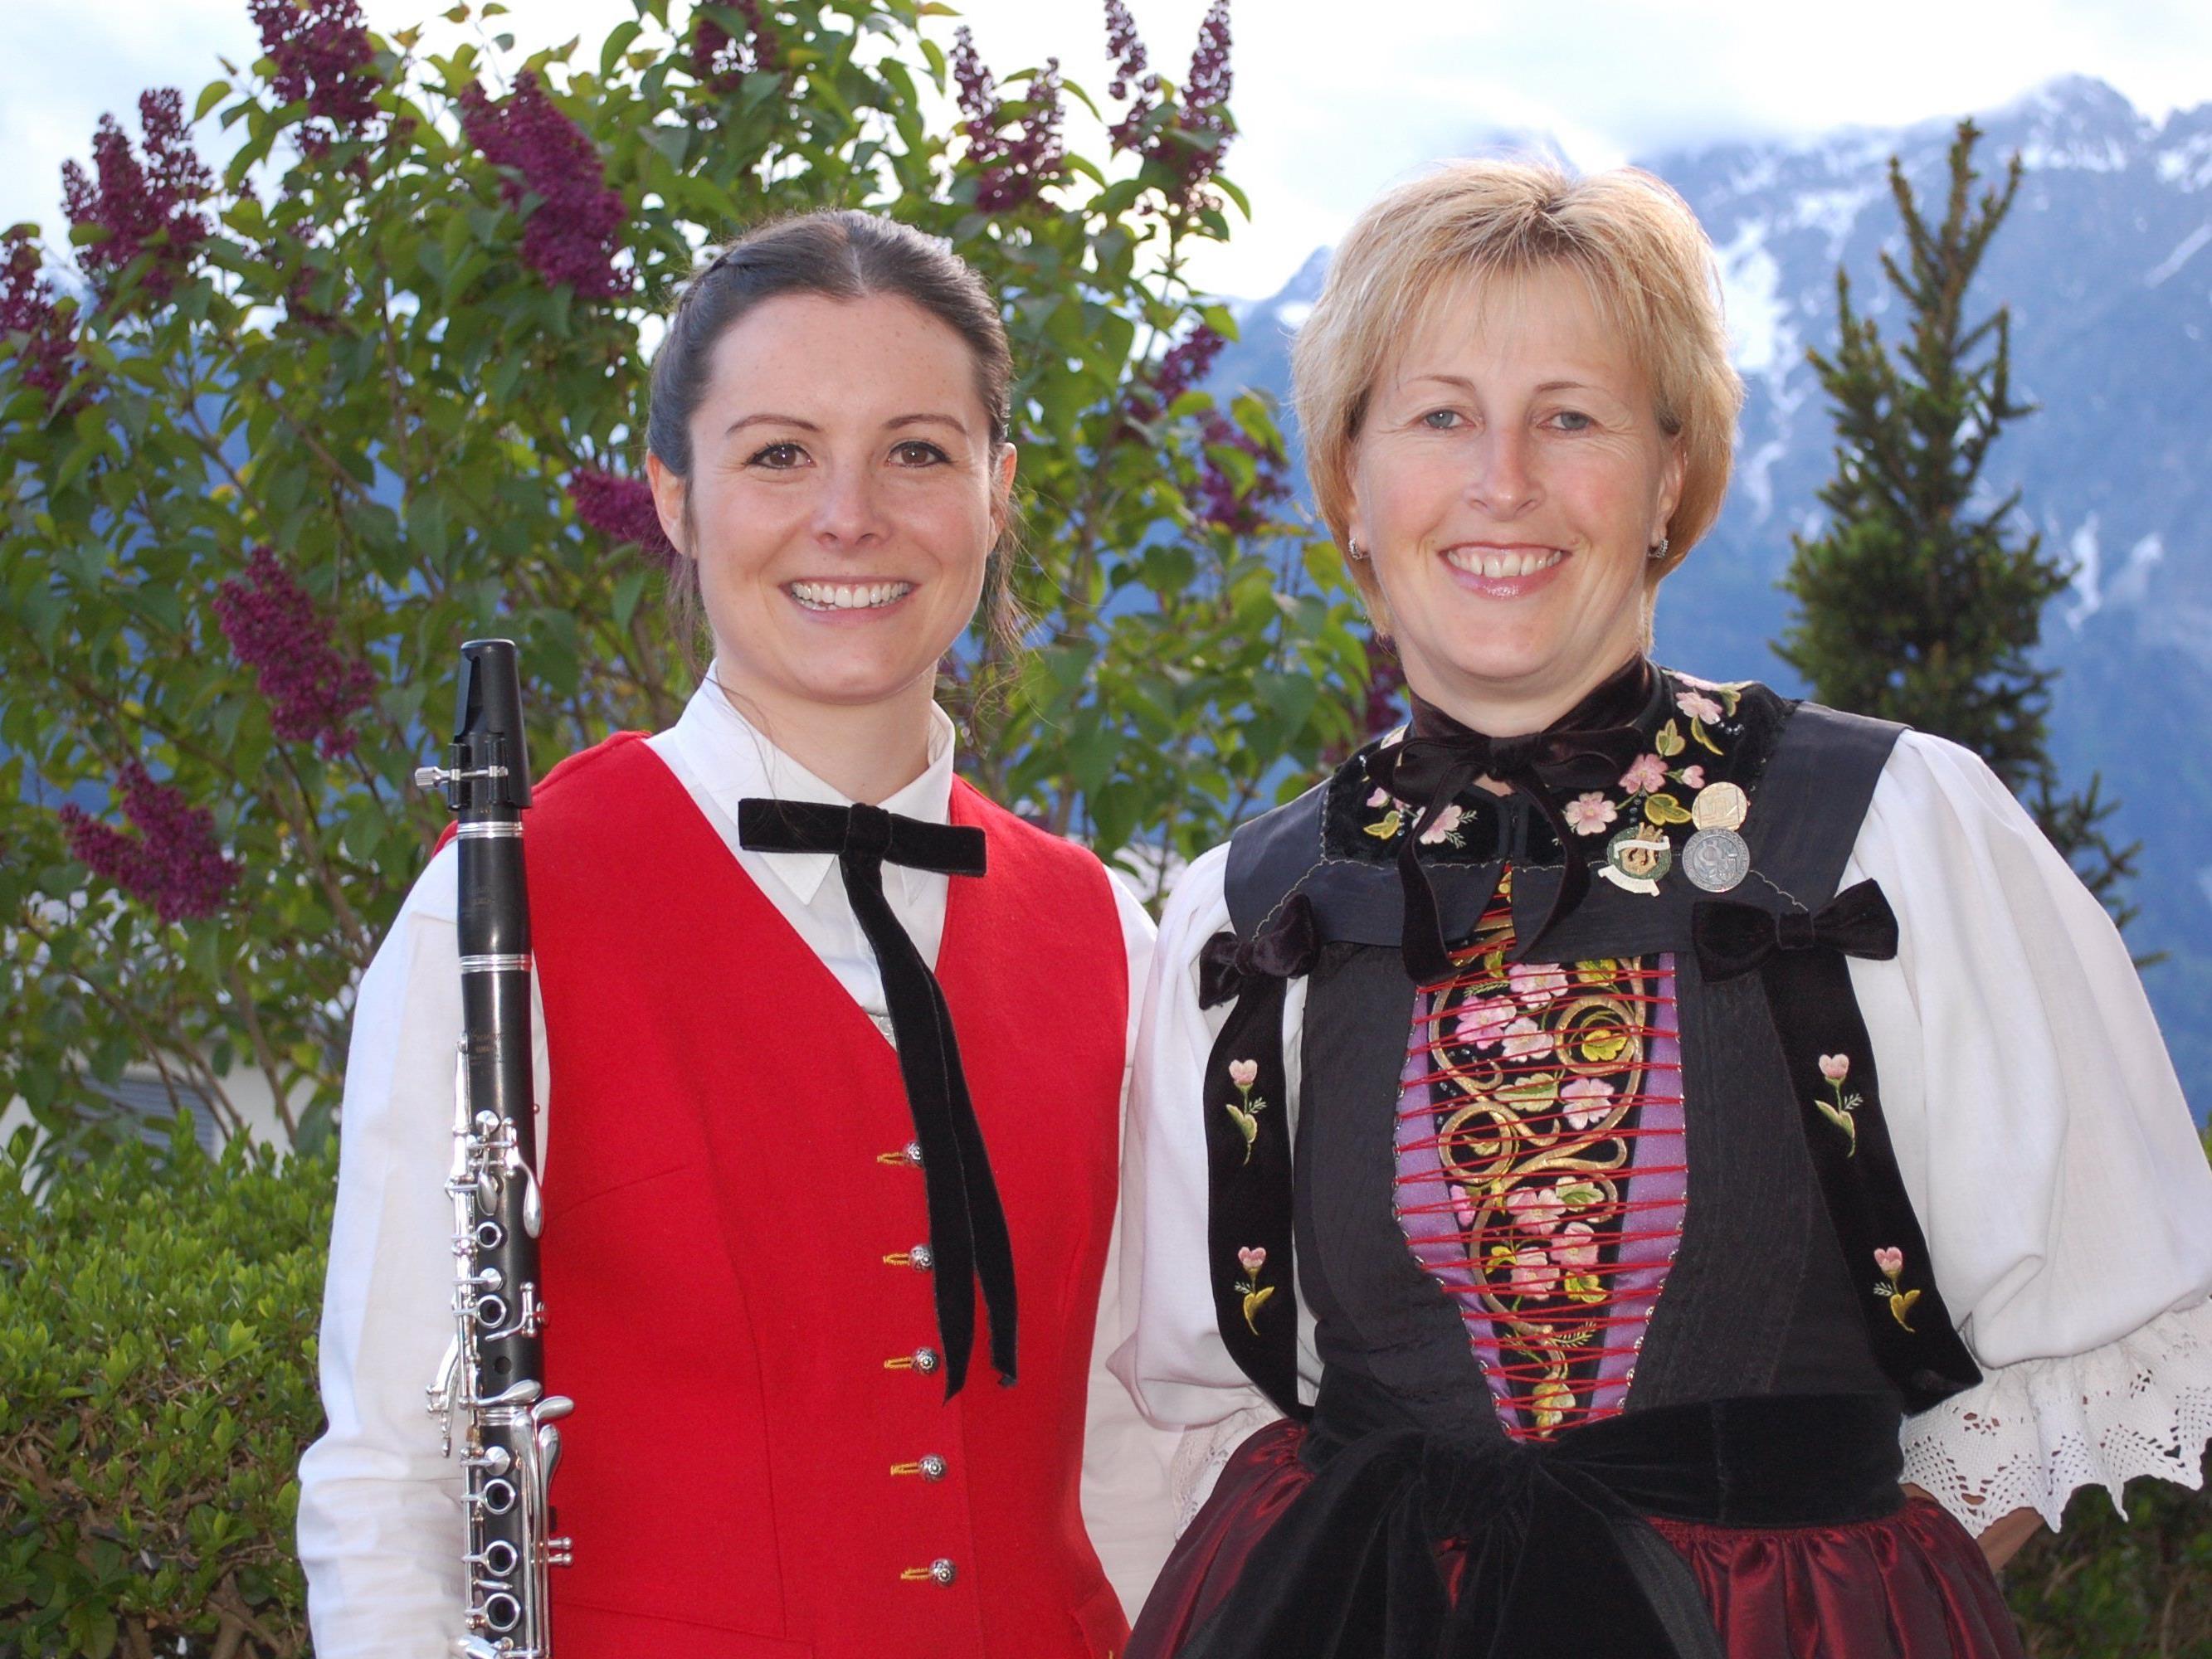 Obfrau Gabi Ganahl und Schriftführerin Sarah Mangeng wurden für 25 Jahre beziehungsweise 15 Jahre Harmoniemusik Bartholomäberg geehrt.